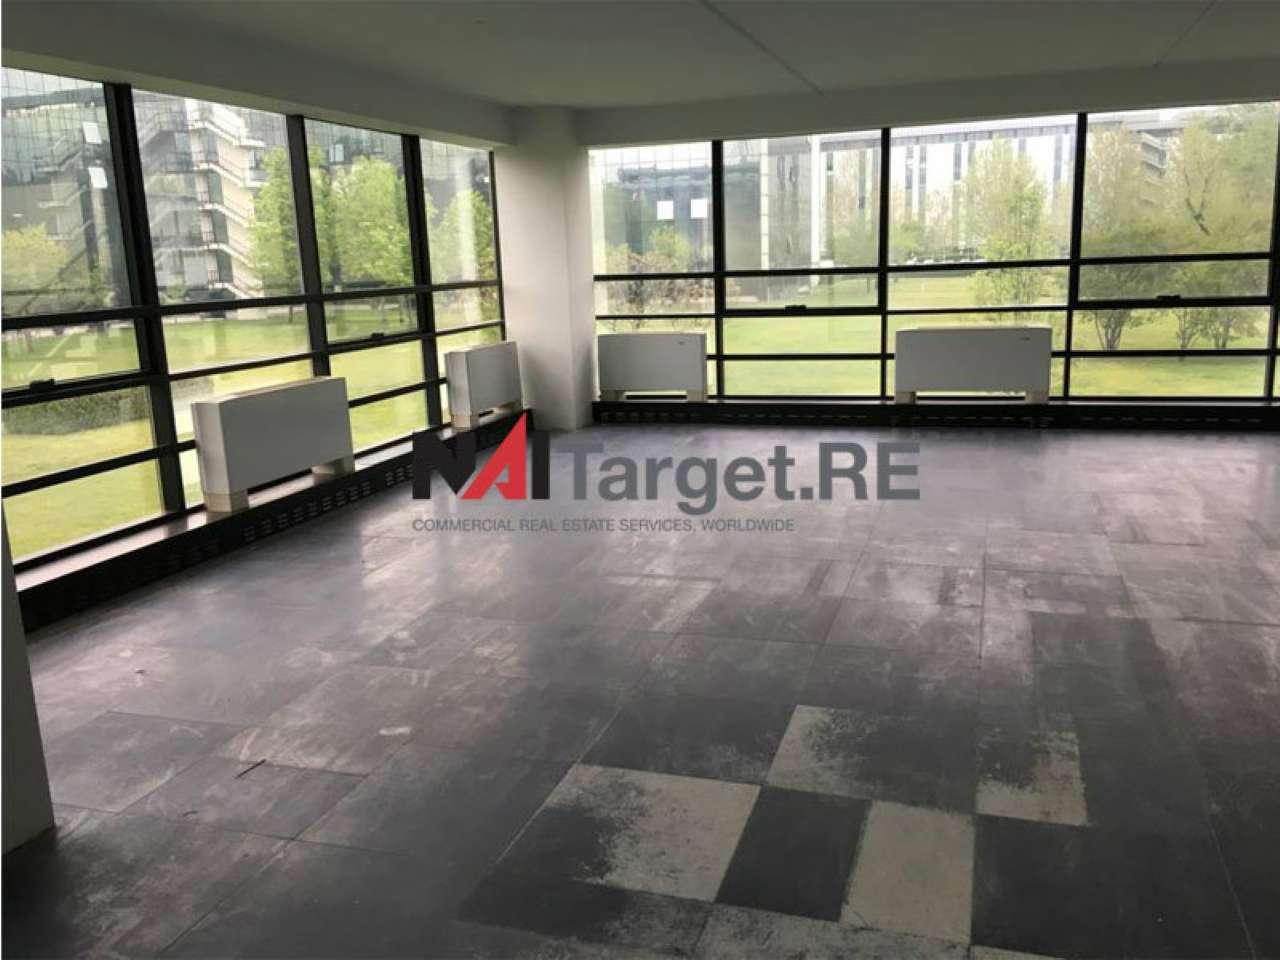 Ufficio / Studio in affitto a Assago, 16 locali, prezzo € 11.062 | PortaleAgenzieImmobiliari.it